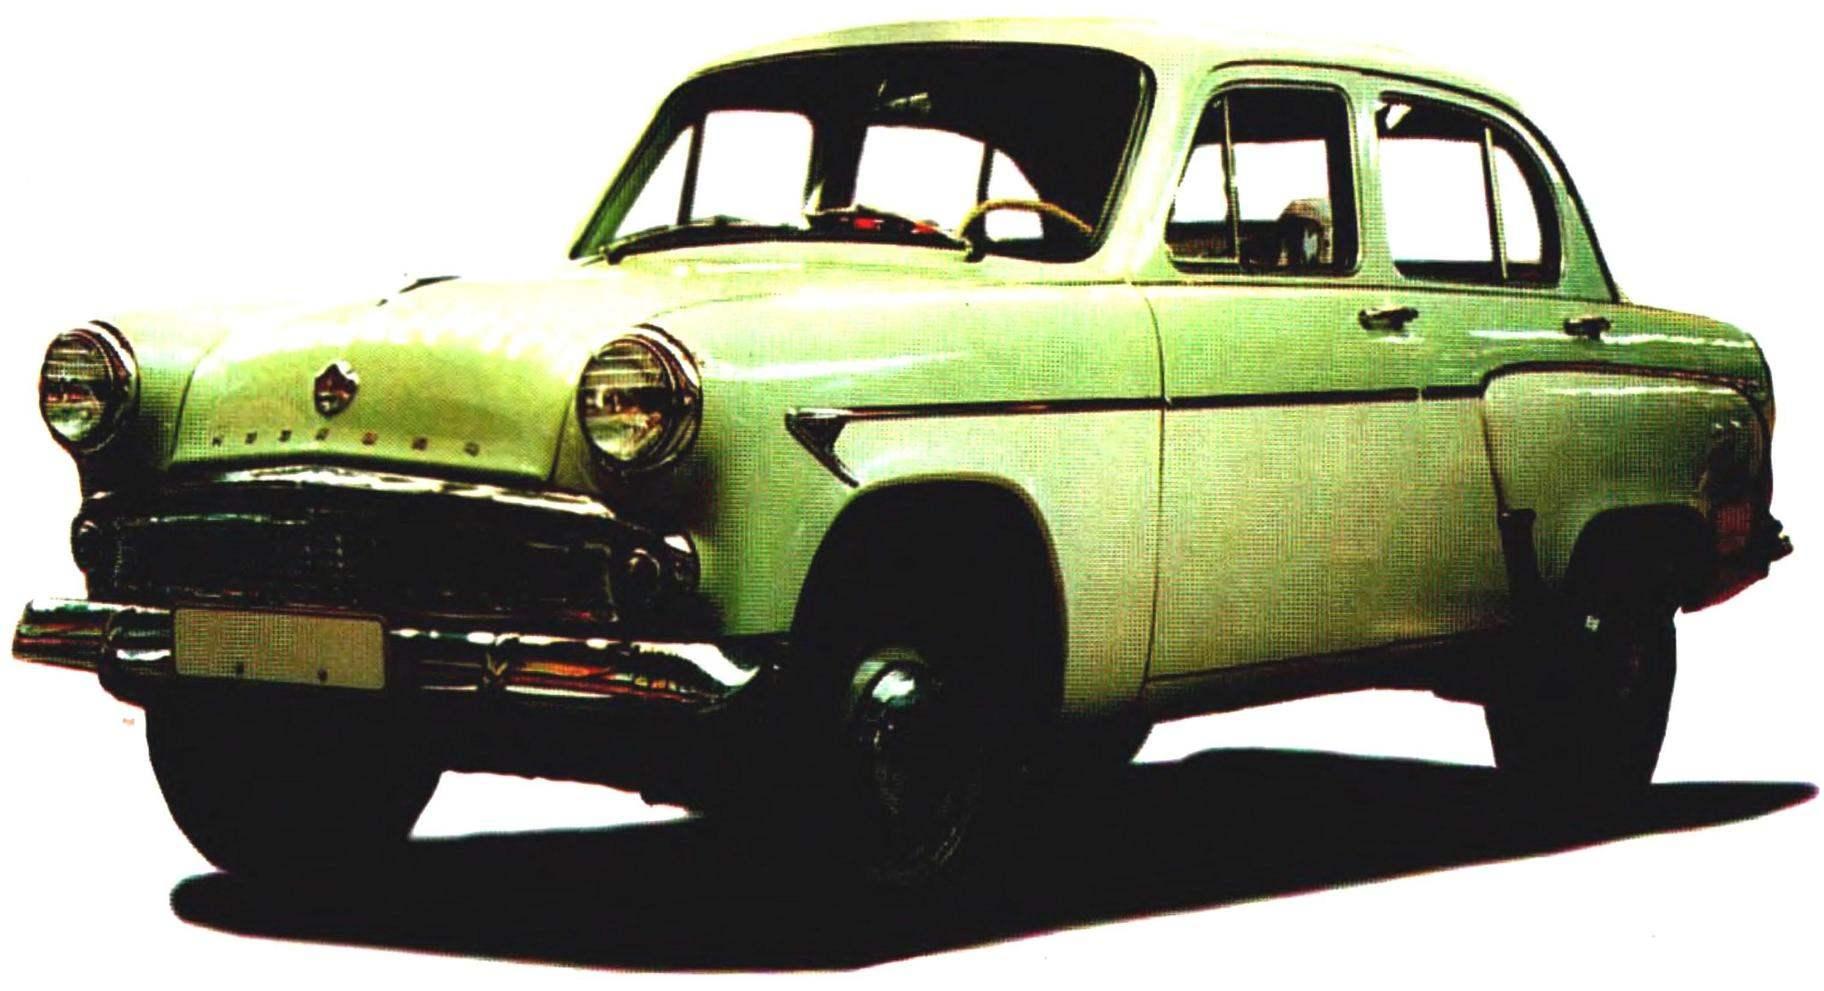 «МОСКВИЧ-407» в конце 1950-х годов был самым популярным автомобилем в Советском Союзе — неприхотливый, долговечный и, что немаловажно, ремонтопригодный